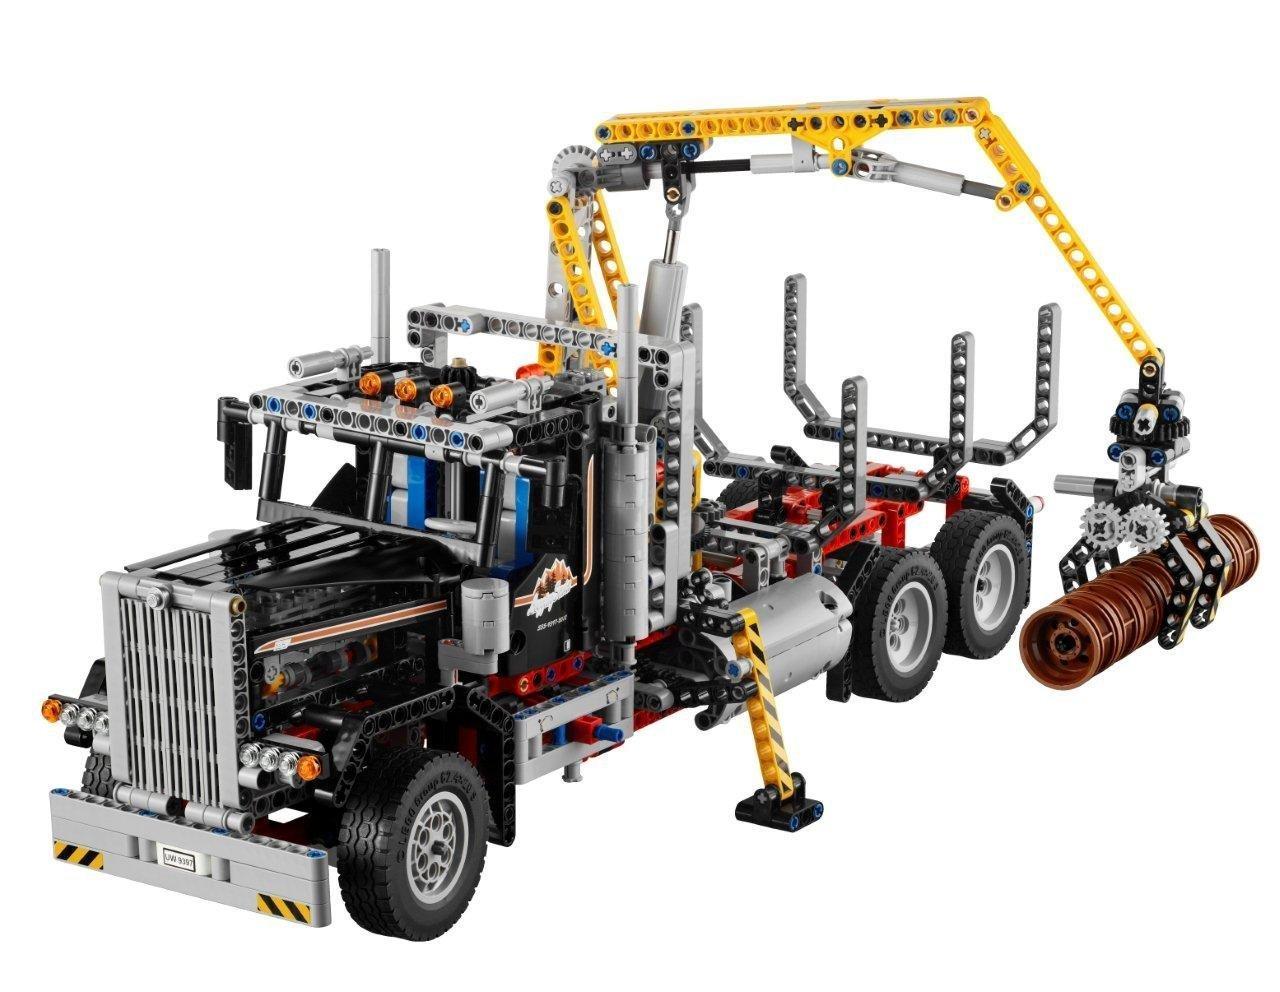 レゴ (LEGO) テクニック ログトラック 9397   B005KIQ32Q